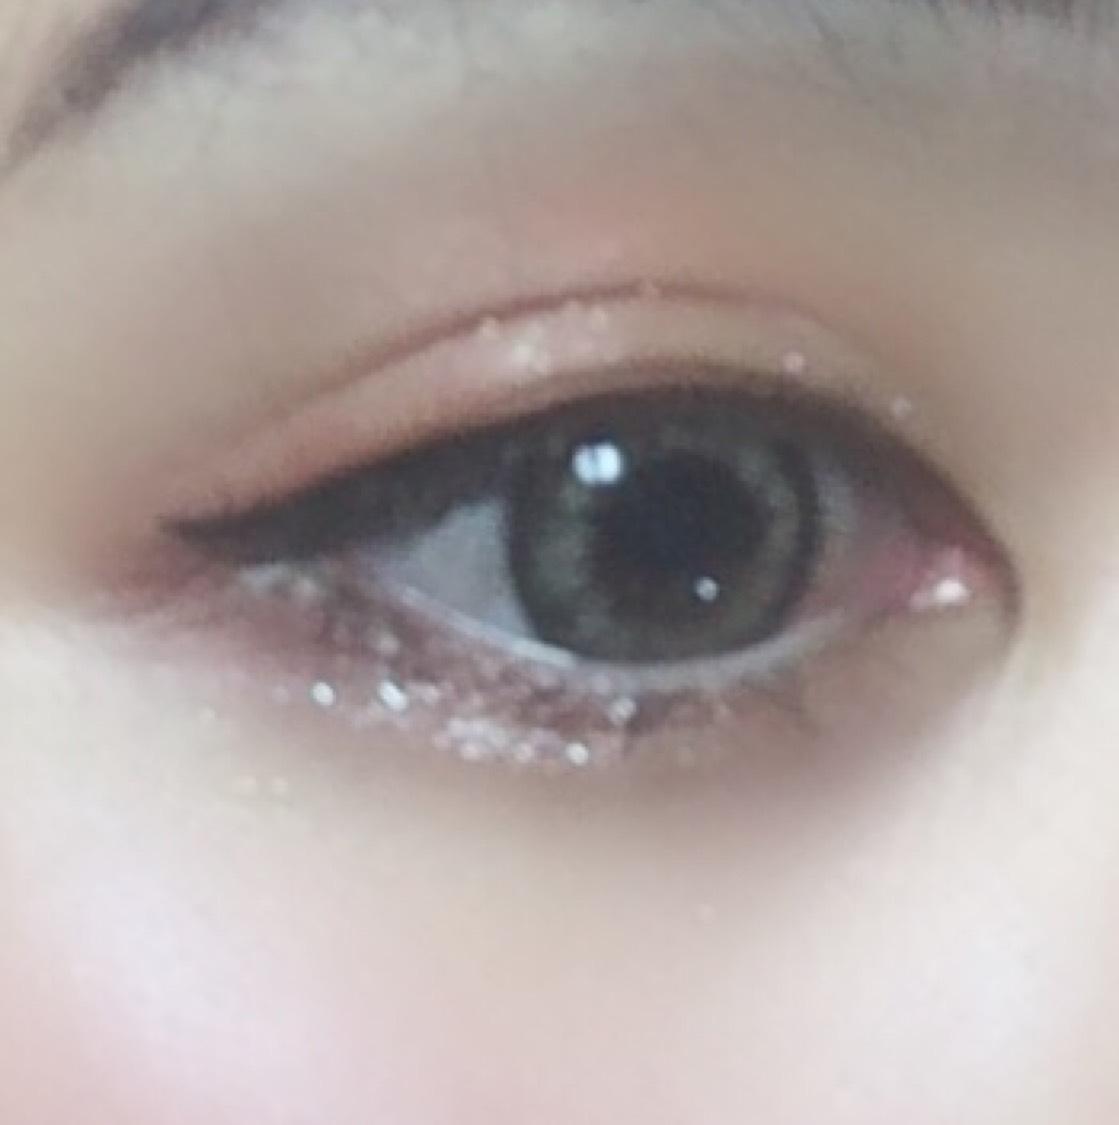 アイメイクは ・CANMAKE パーフェクトマルチアイズ03の下段赤のカラーを上瞼 目尻から中央にブラシで馴染ませグラデにします。 目を開けて、二重の線で見えなかった場合、見えるようにしたいので目尻から目を開けた状態でほんのり書きます。  下瞼は黒目の下(中央)から目尻まで一直線になるように赤を線引いて、中を埋めます。  下段右の茶色のカラーでアイラインを引くように上まつ毛は 目頭側から目尻側まつげの際に沿ってひき、 下まつげは赤を入れたとこのみまつげの際に入れます。  カットしたつけまつげを目尻側につけ、  ・ヴィセ リシェ シャドウ&リキッドアイライナー01 で目尻だけ書きます。  ・KATE ダブルラインフェイカーLB-1極薄ブラウン で涙袋の影、二重の線をひき、  ・アディクション ザ アイシャドウ 092 を上瞼、下瞼共に中央に入れてから左右にぼかして  下まつげのみマスカラ下地を塗り ブラウンマスカラで上下したら  アイメイク完成です〜!